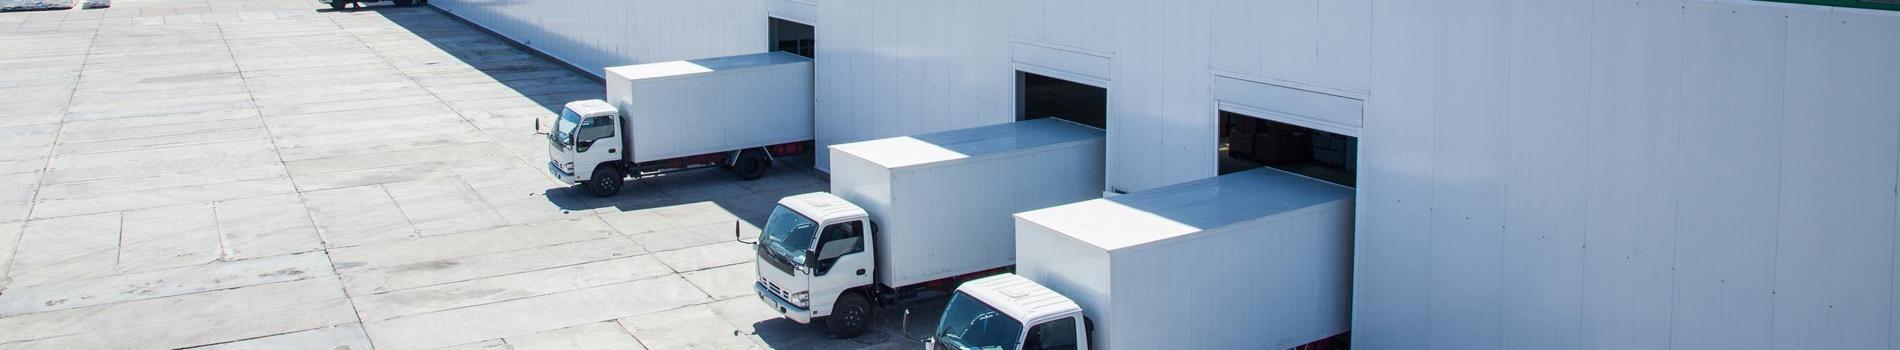 6592f313ce581 Výkup skladových zásob - predaj zvyškového tovaru | GIGANT